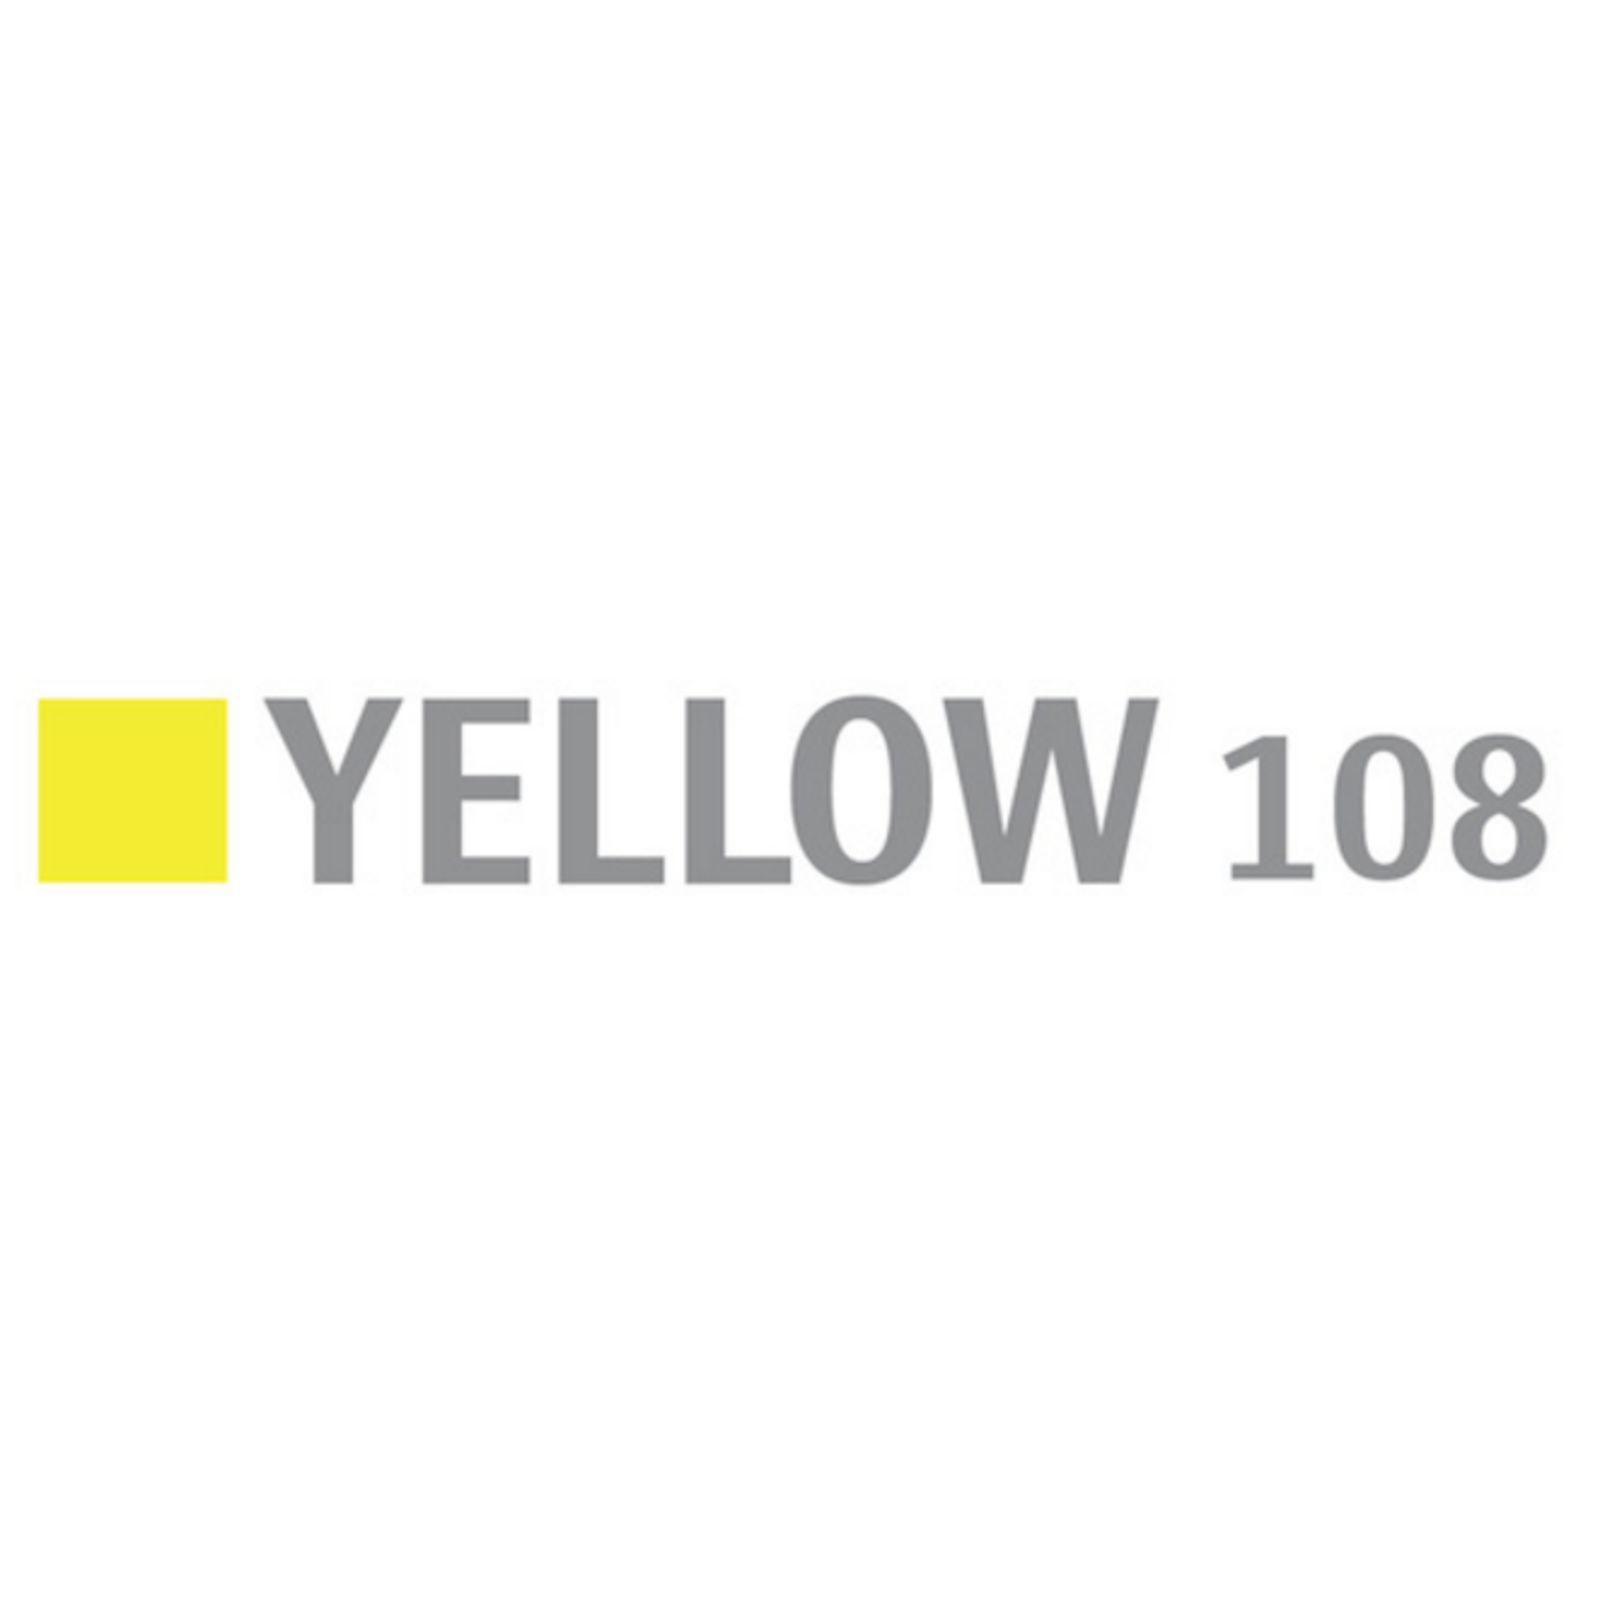 YELLOW 108